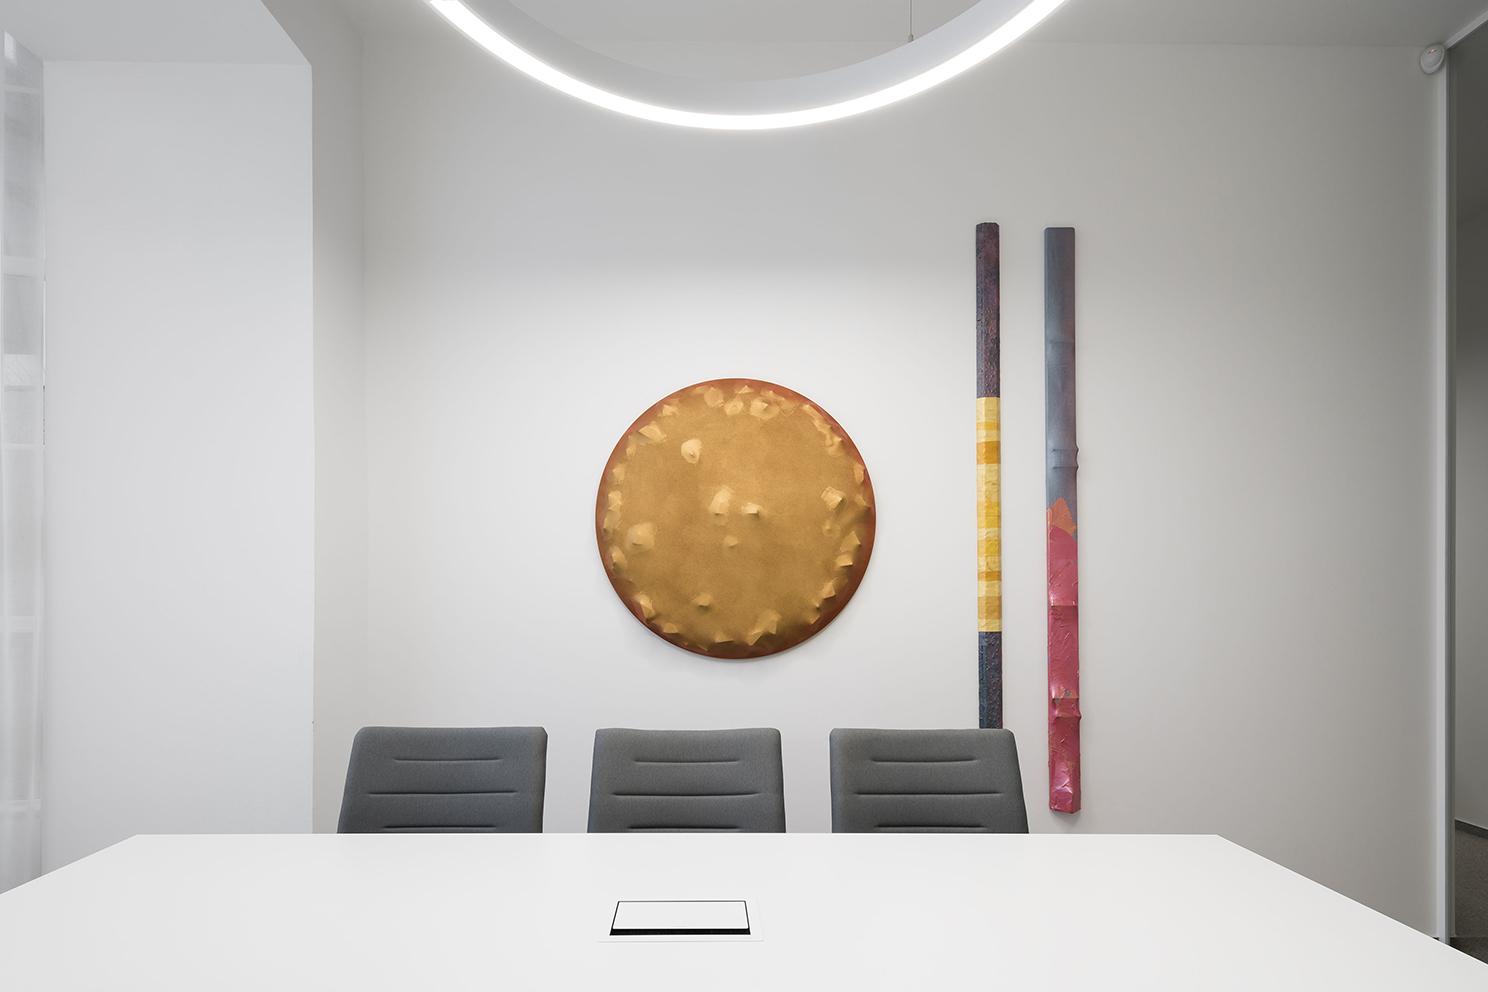 12_foto-studio-flusser-BARBORA-LEBLOVA-INTERIORS-ARCHITECTURE-PRAGUE-2019